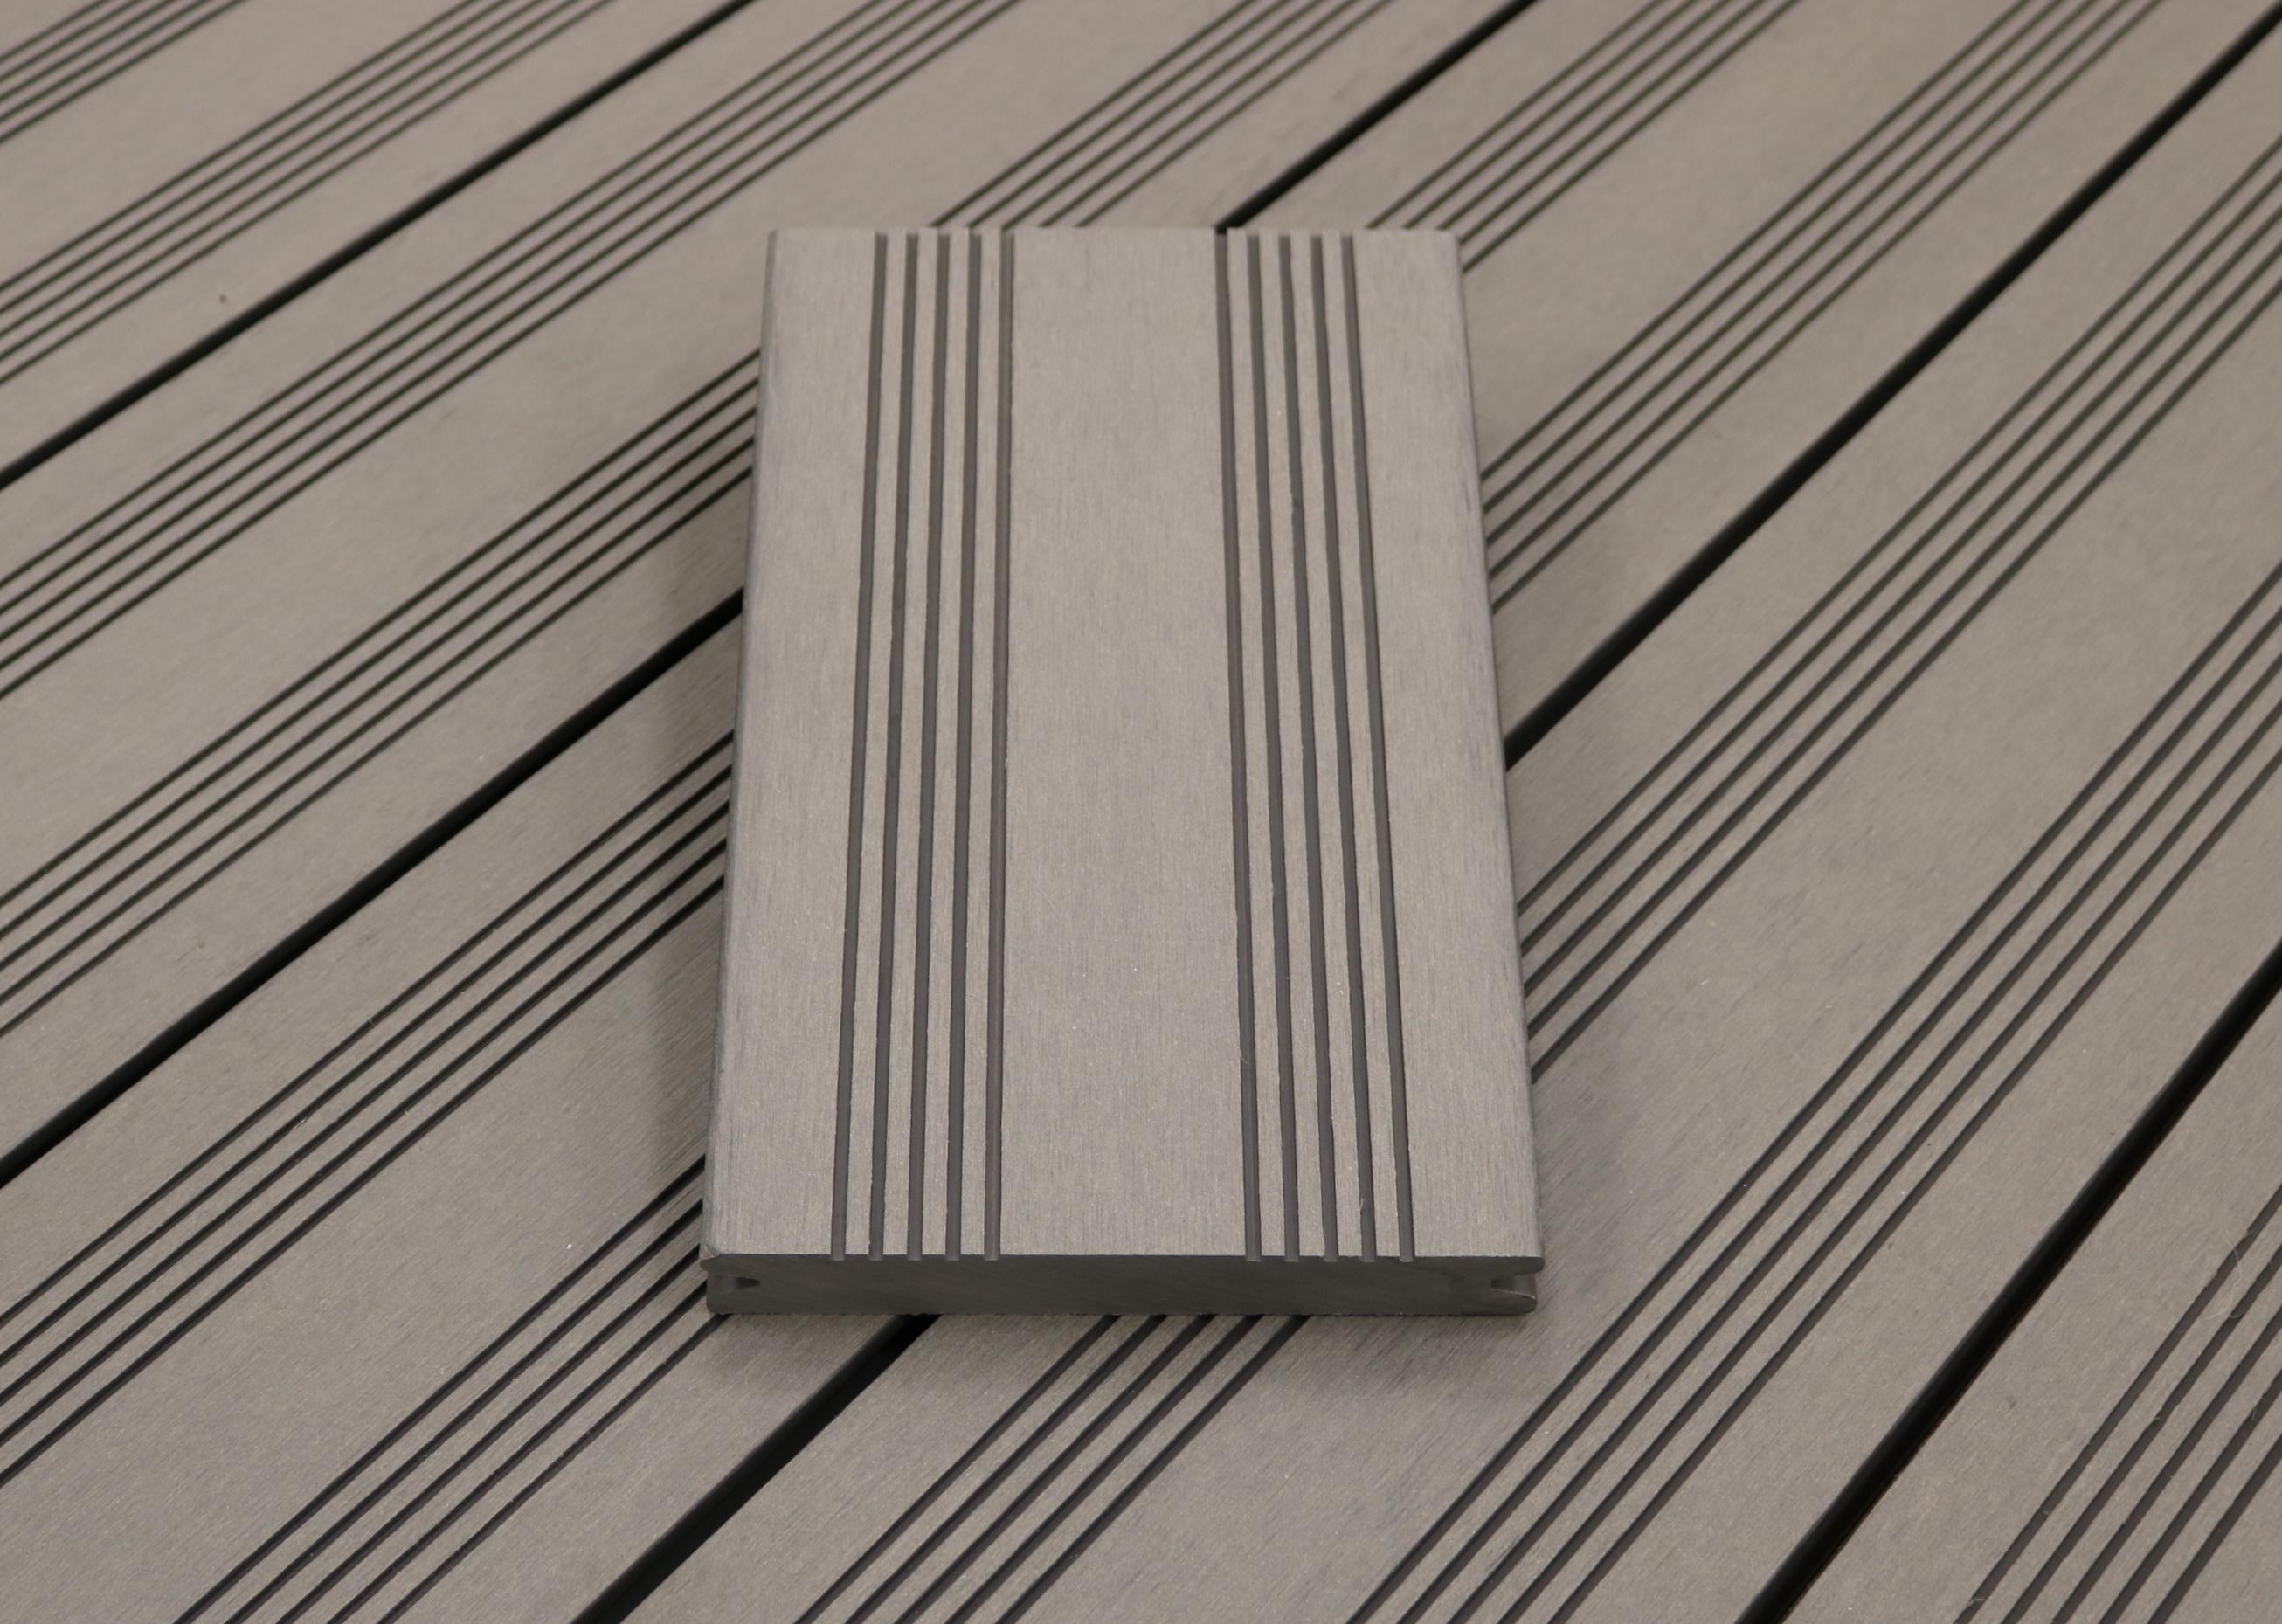 WPC Terrassendielen massiv, Oberfläche mit französischem Profil, Farbton hellgrau, Vollprofil, 22 x 143 bis 4800 mm für 7,95 €/lfm